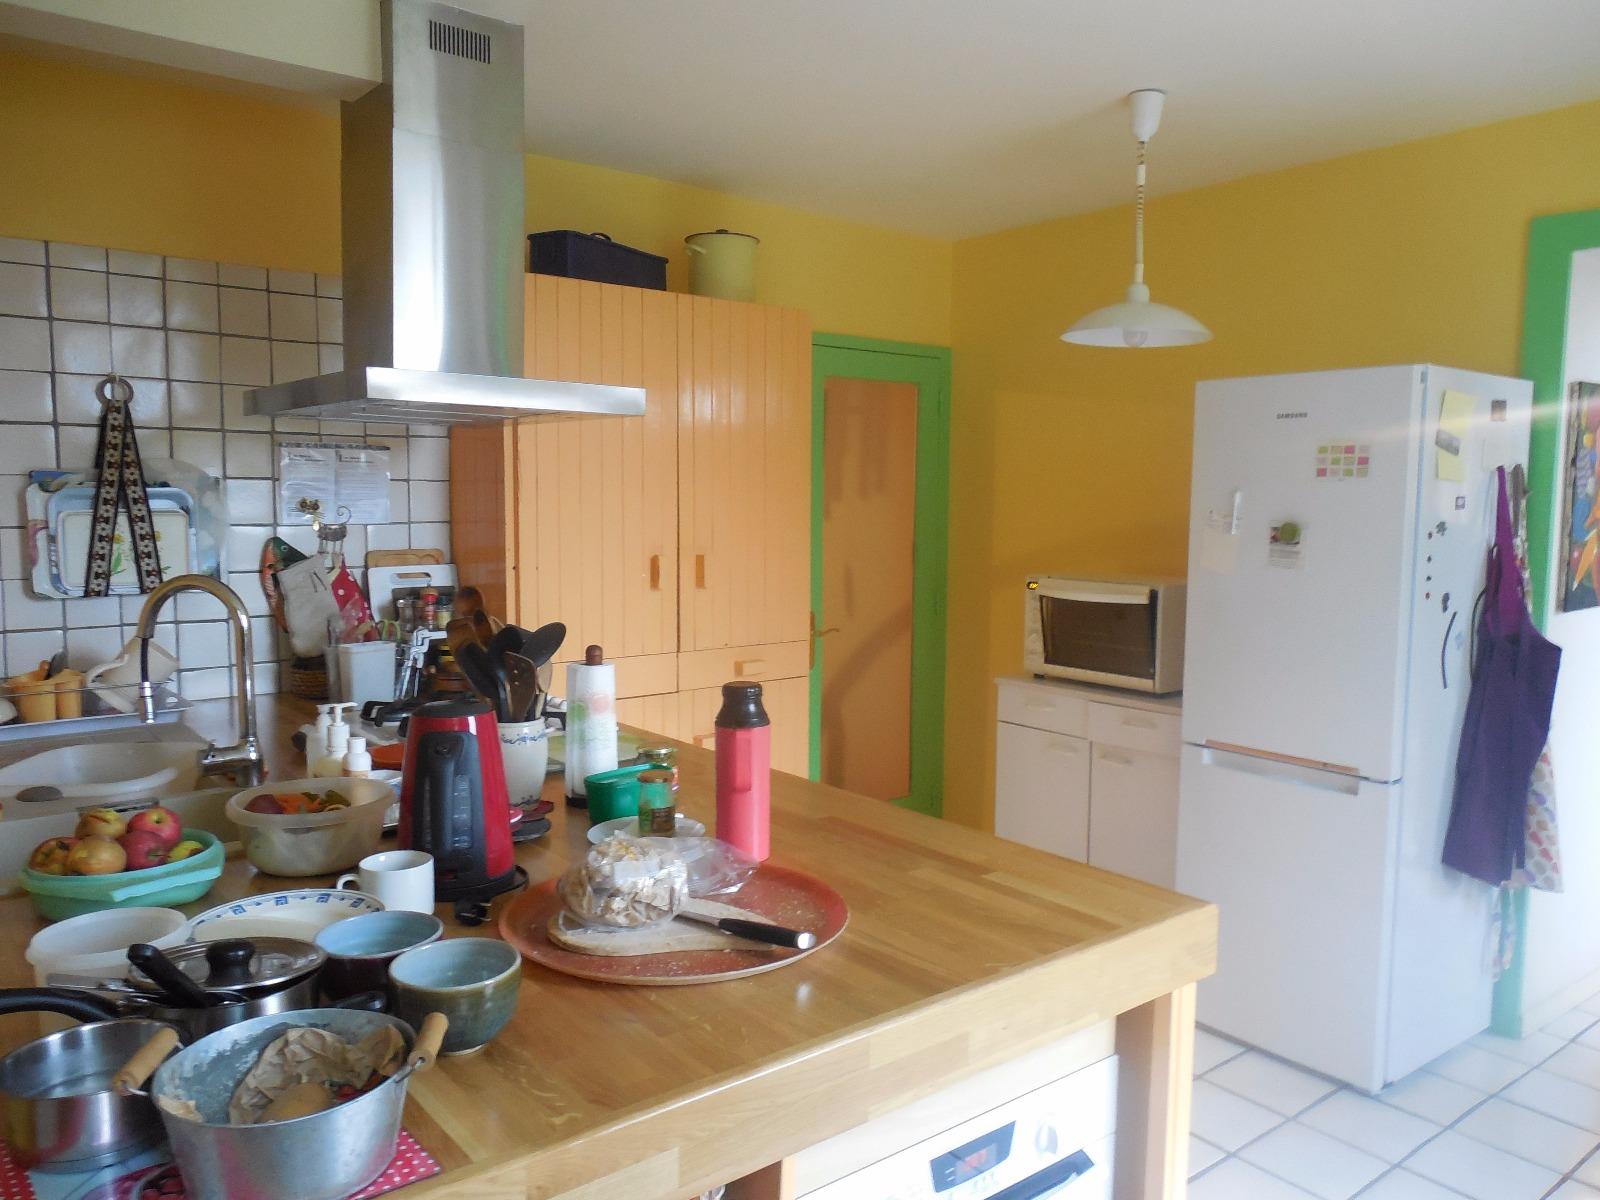 Dole 39100 maison de famille 7 chambres proche centre - Cuisine maison de famille ...